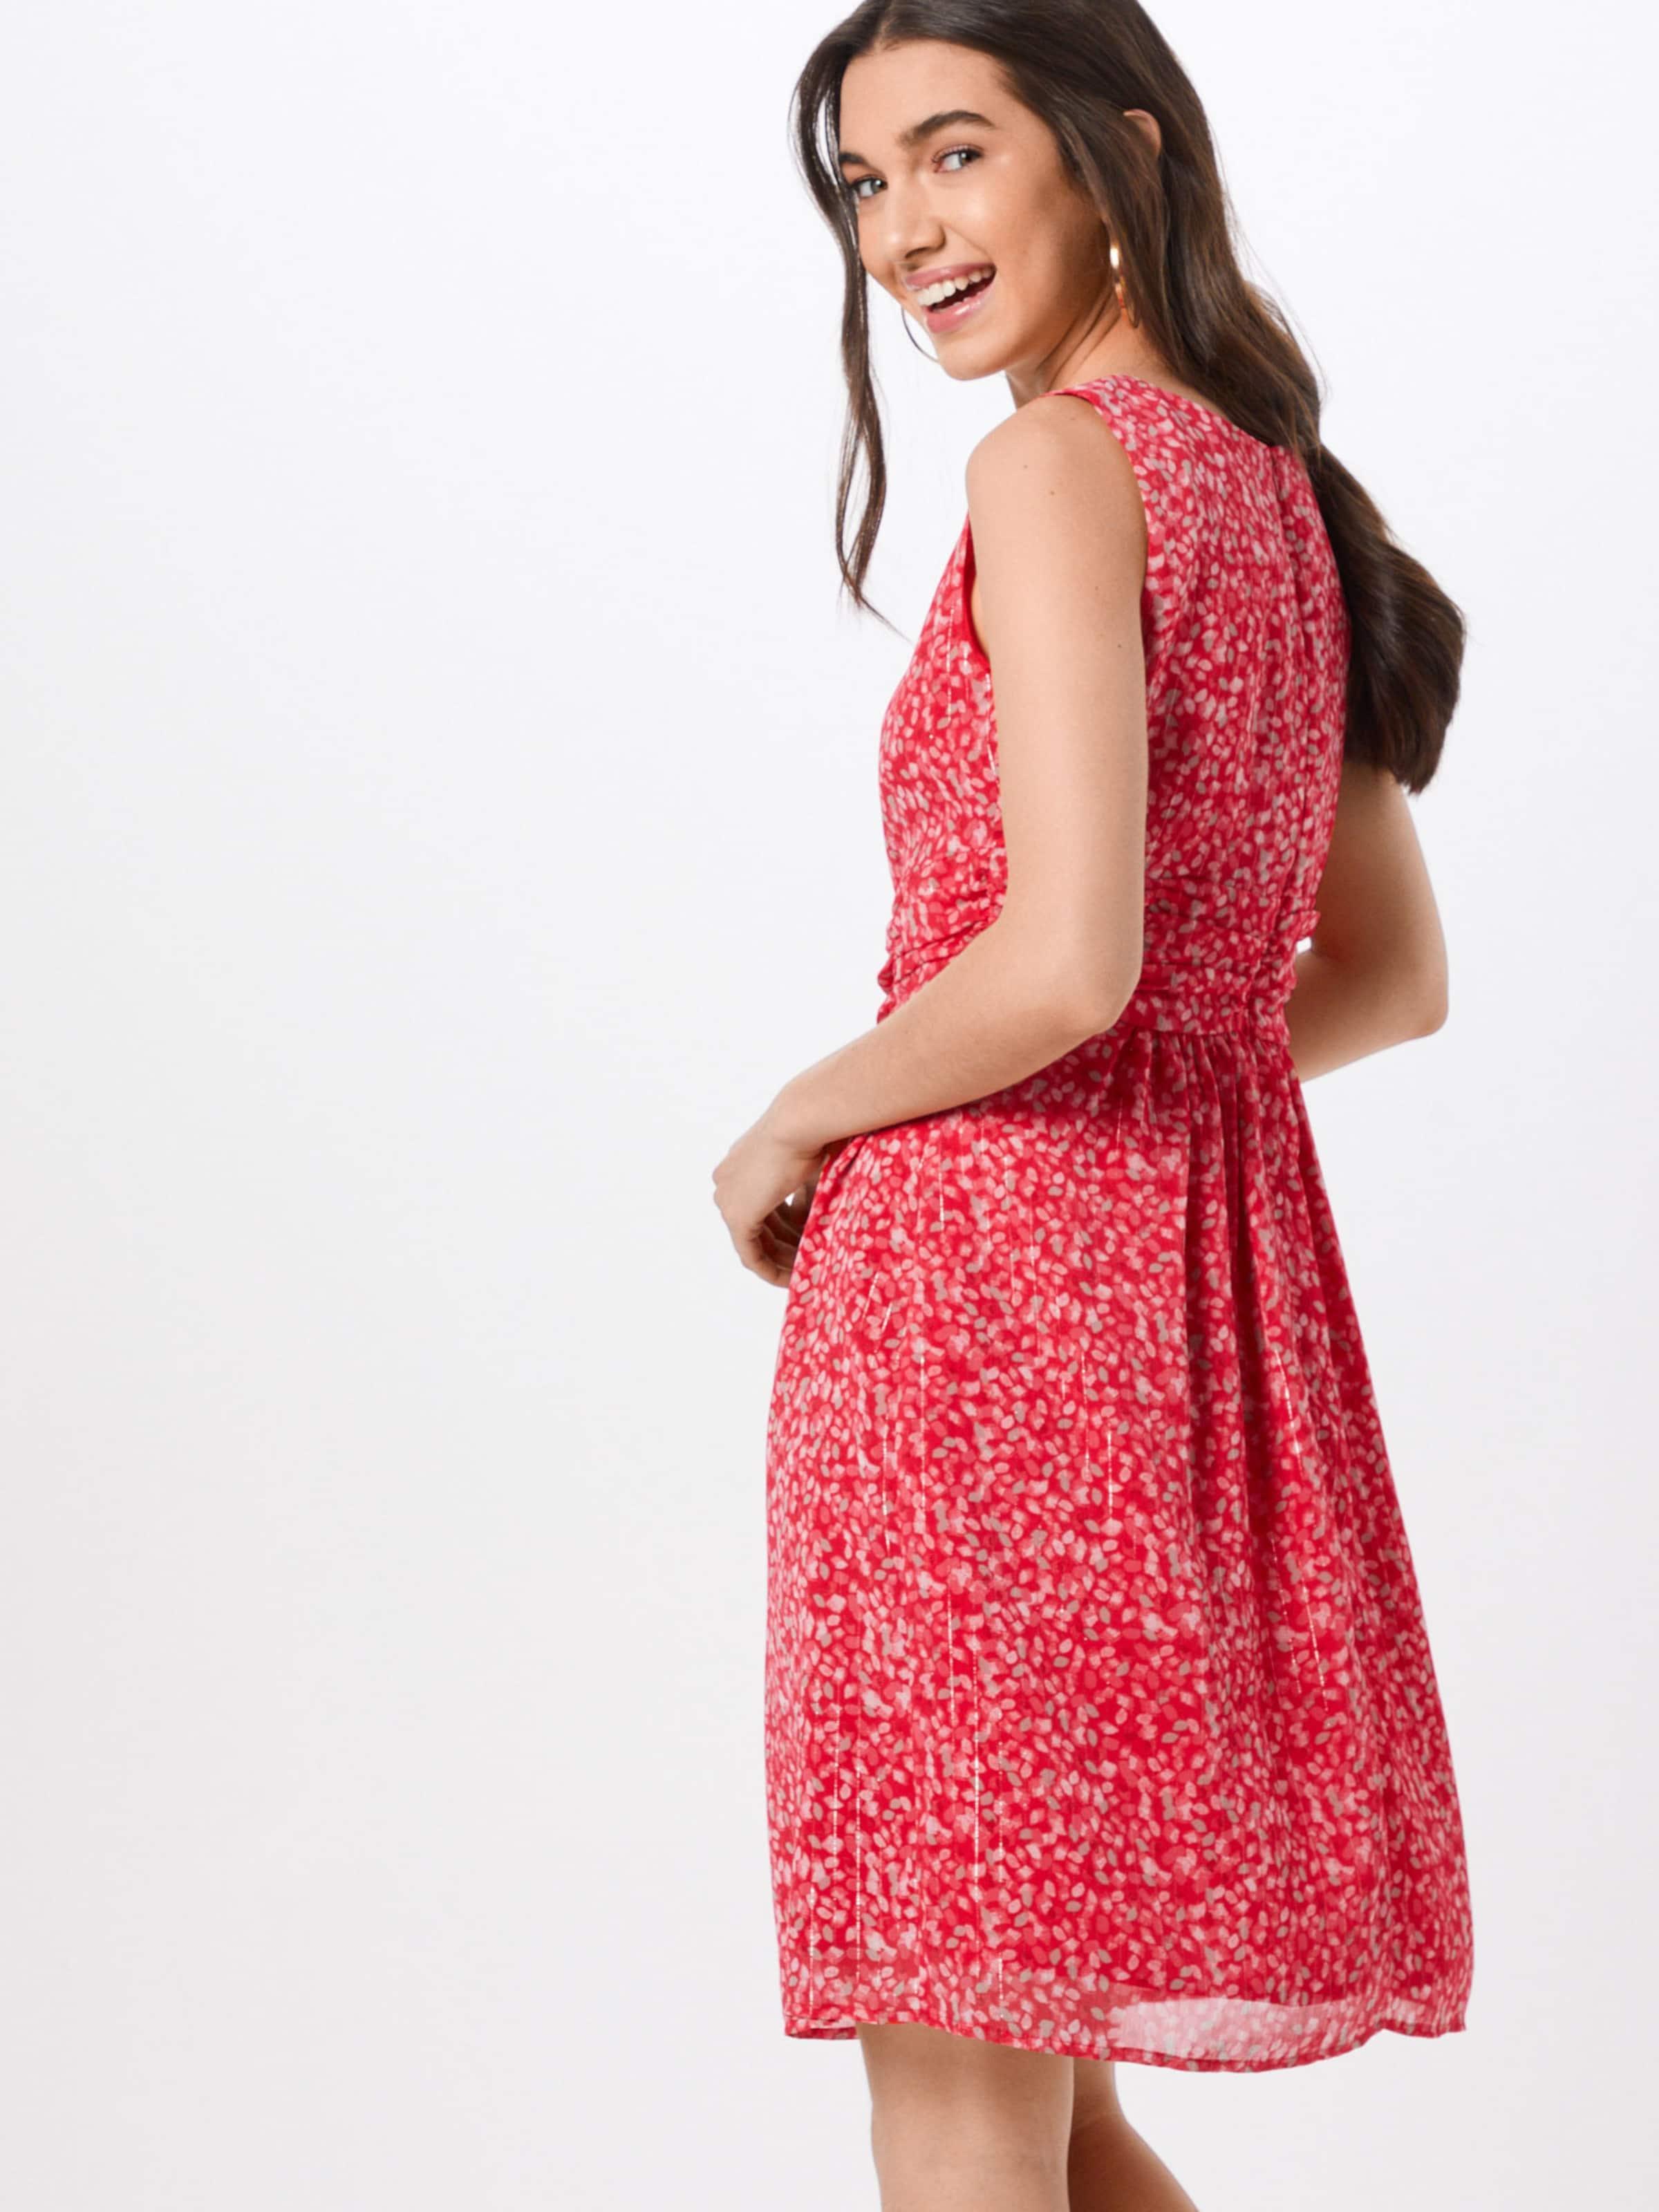 RotWeiß oliver S Kleid 'kleid' In nvN0wOyP8m